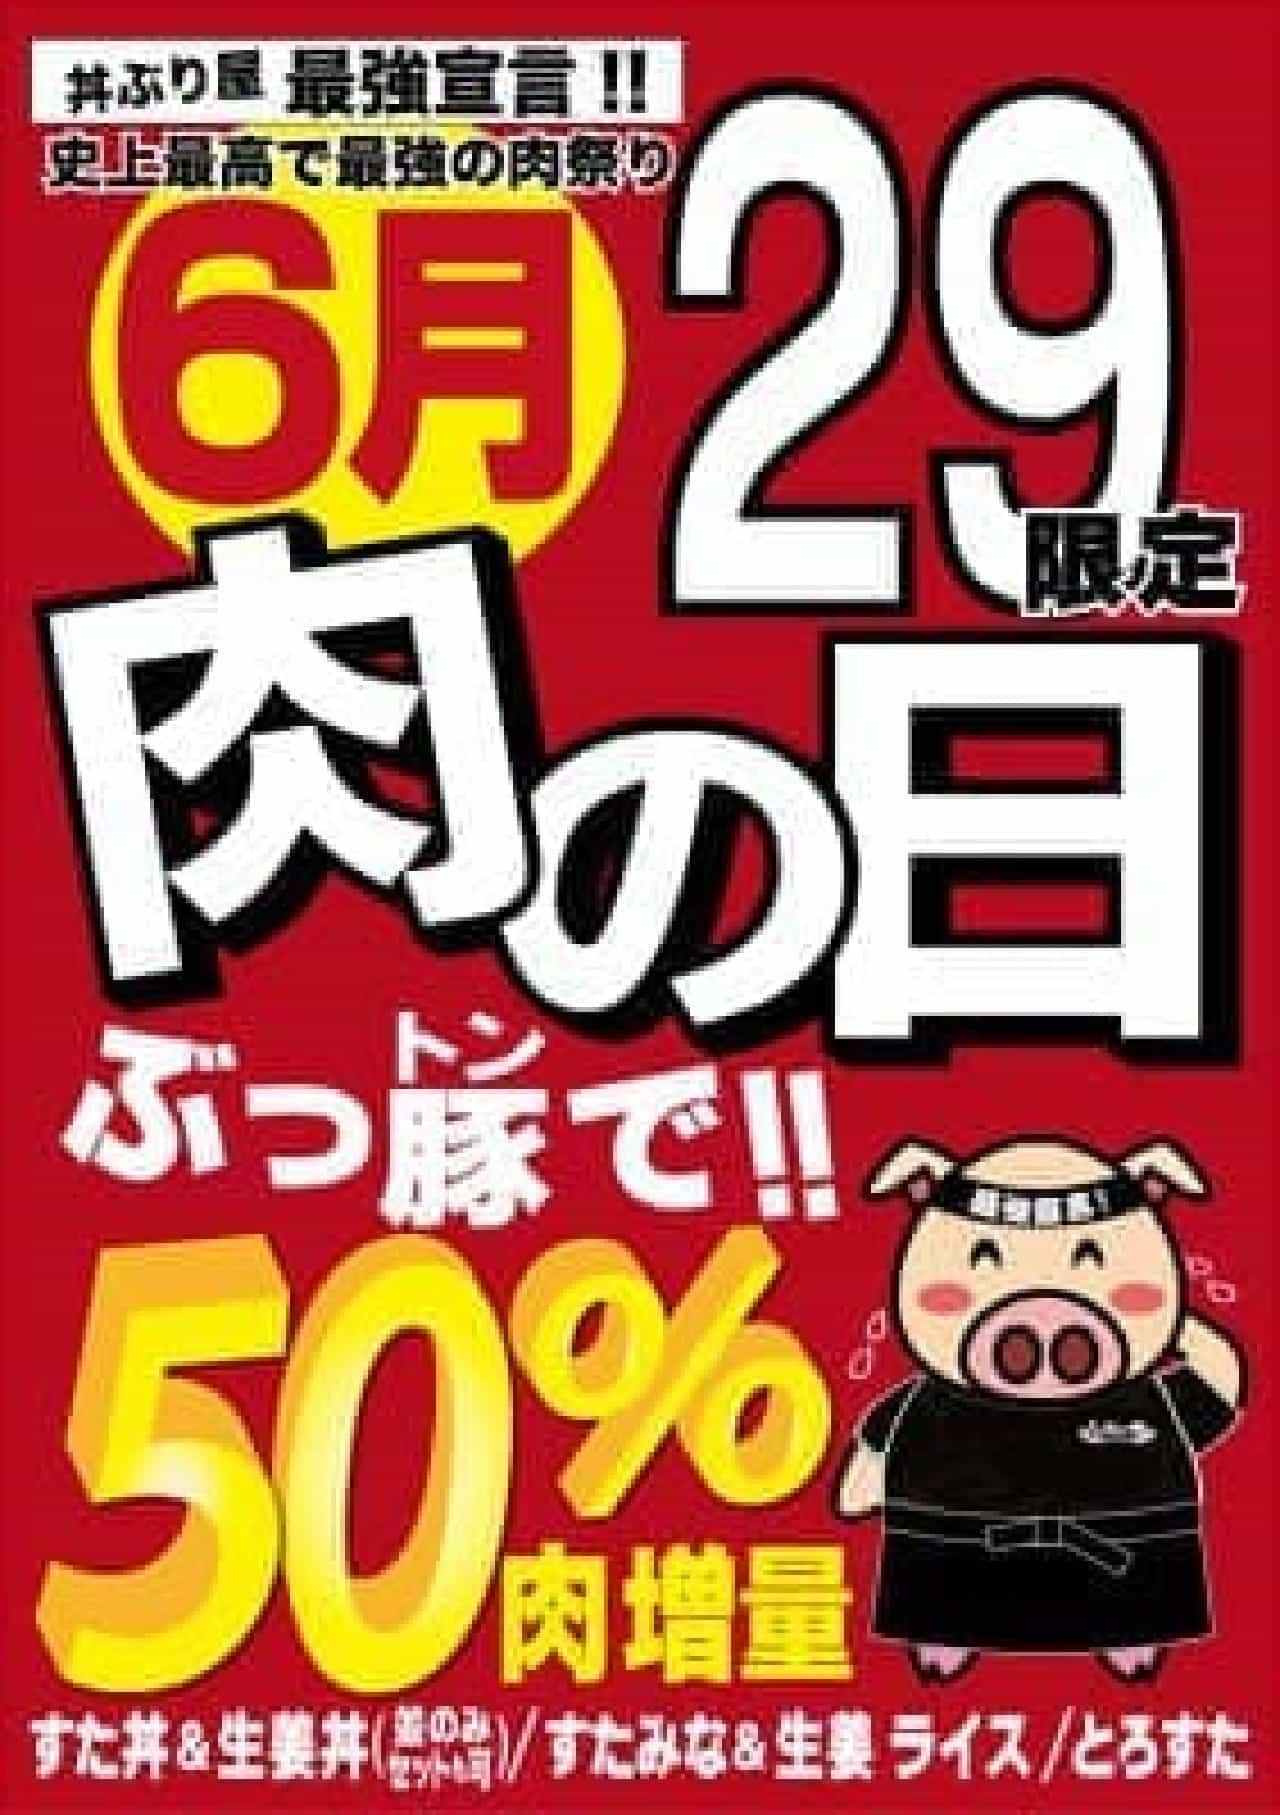 29の日限定で肉が50%増量!